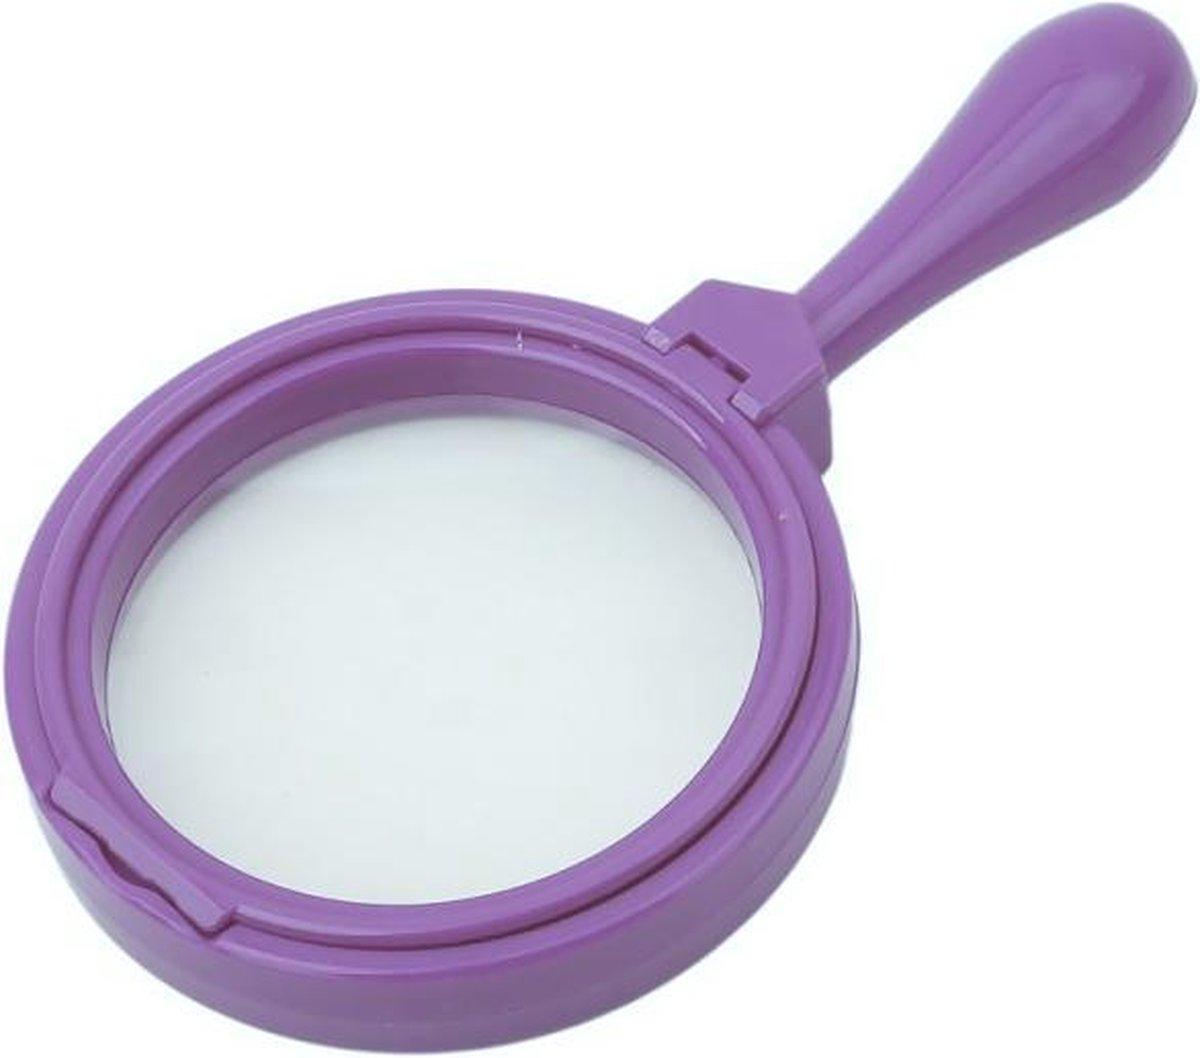 Blijderij - vergrootglas voor kinderen - loep - vergrootglas speelgoed - insecten speelgoed - educatief - buitenspeelgoed